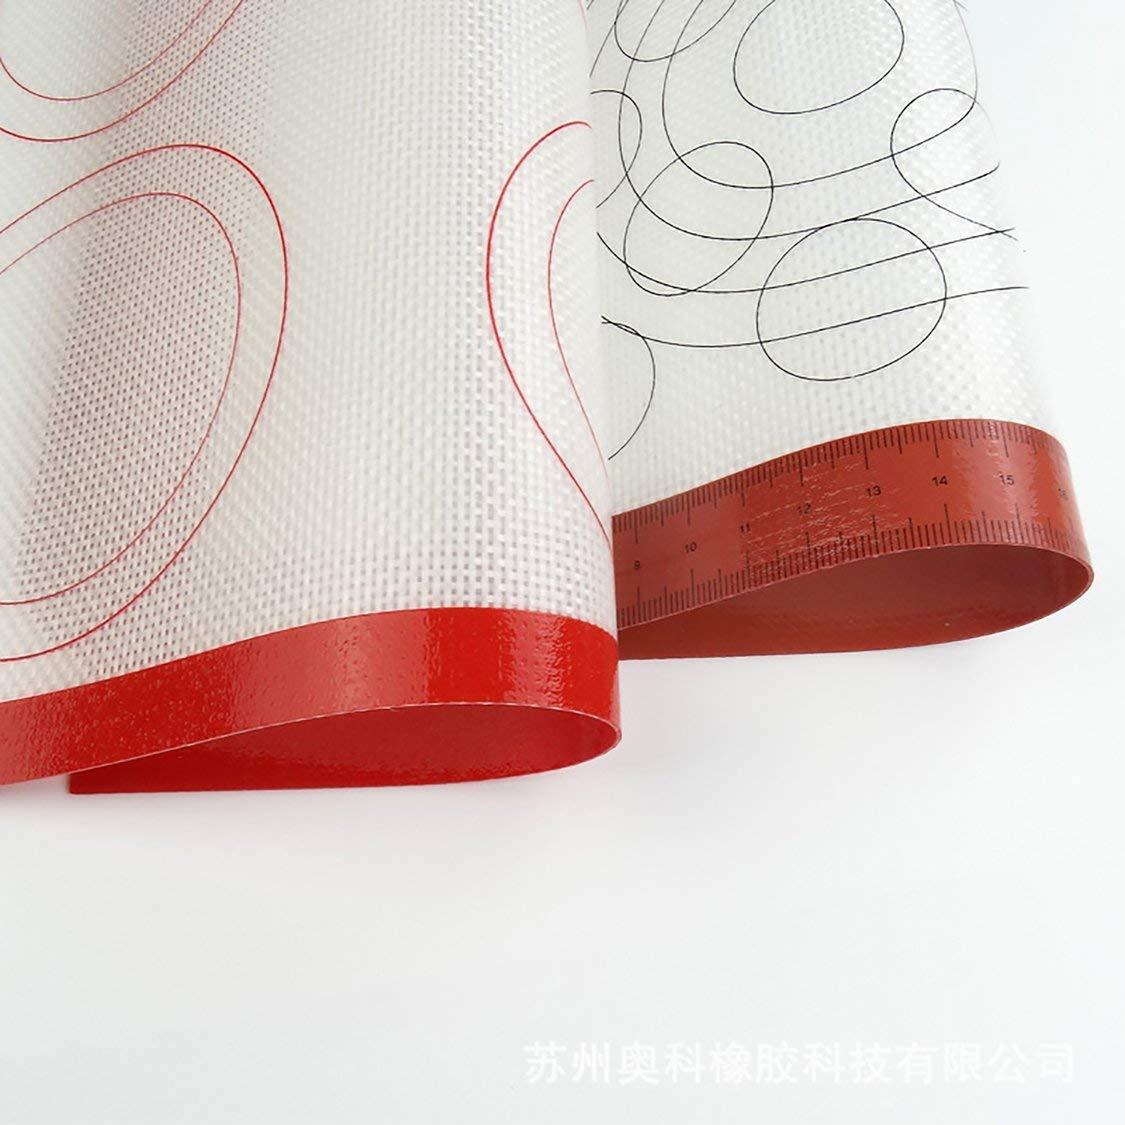 Alfombrilla antiadherente de silicona para hornear Macaron Antiadherente C/írculo Macarr/ón Almohadilla Hoja Cocina Rolling Dough mat Liner Tool